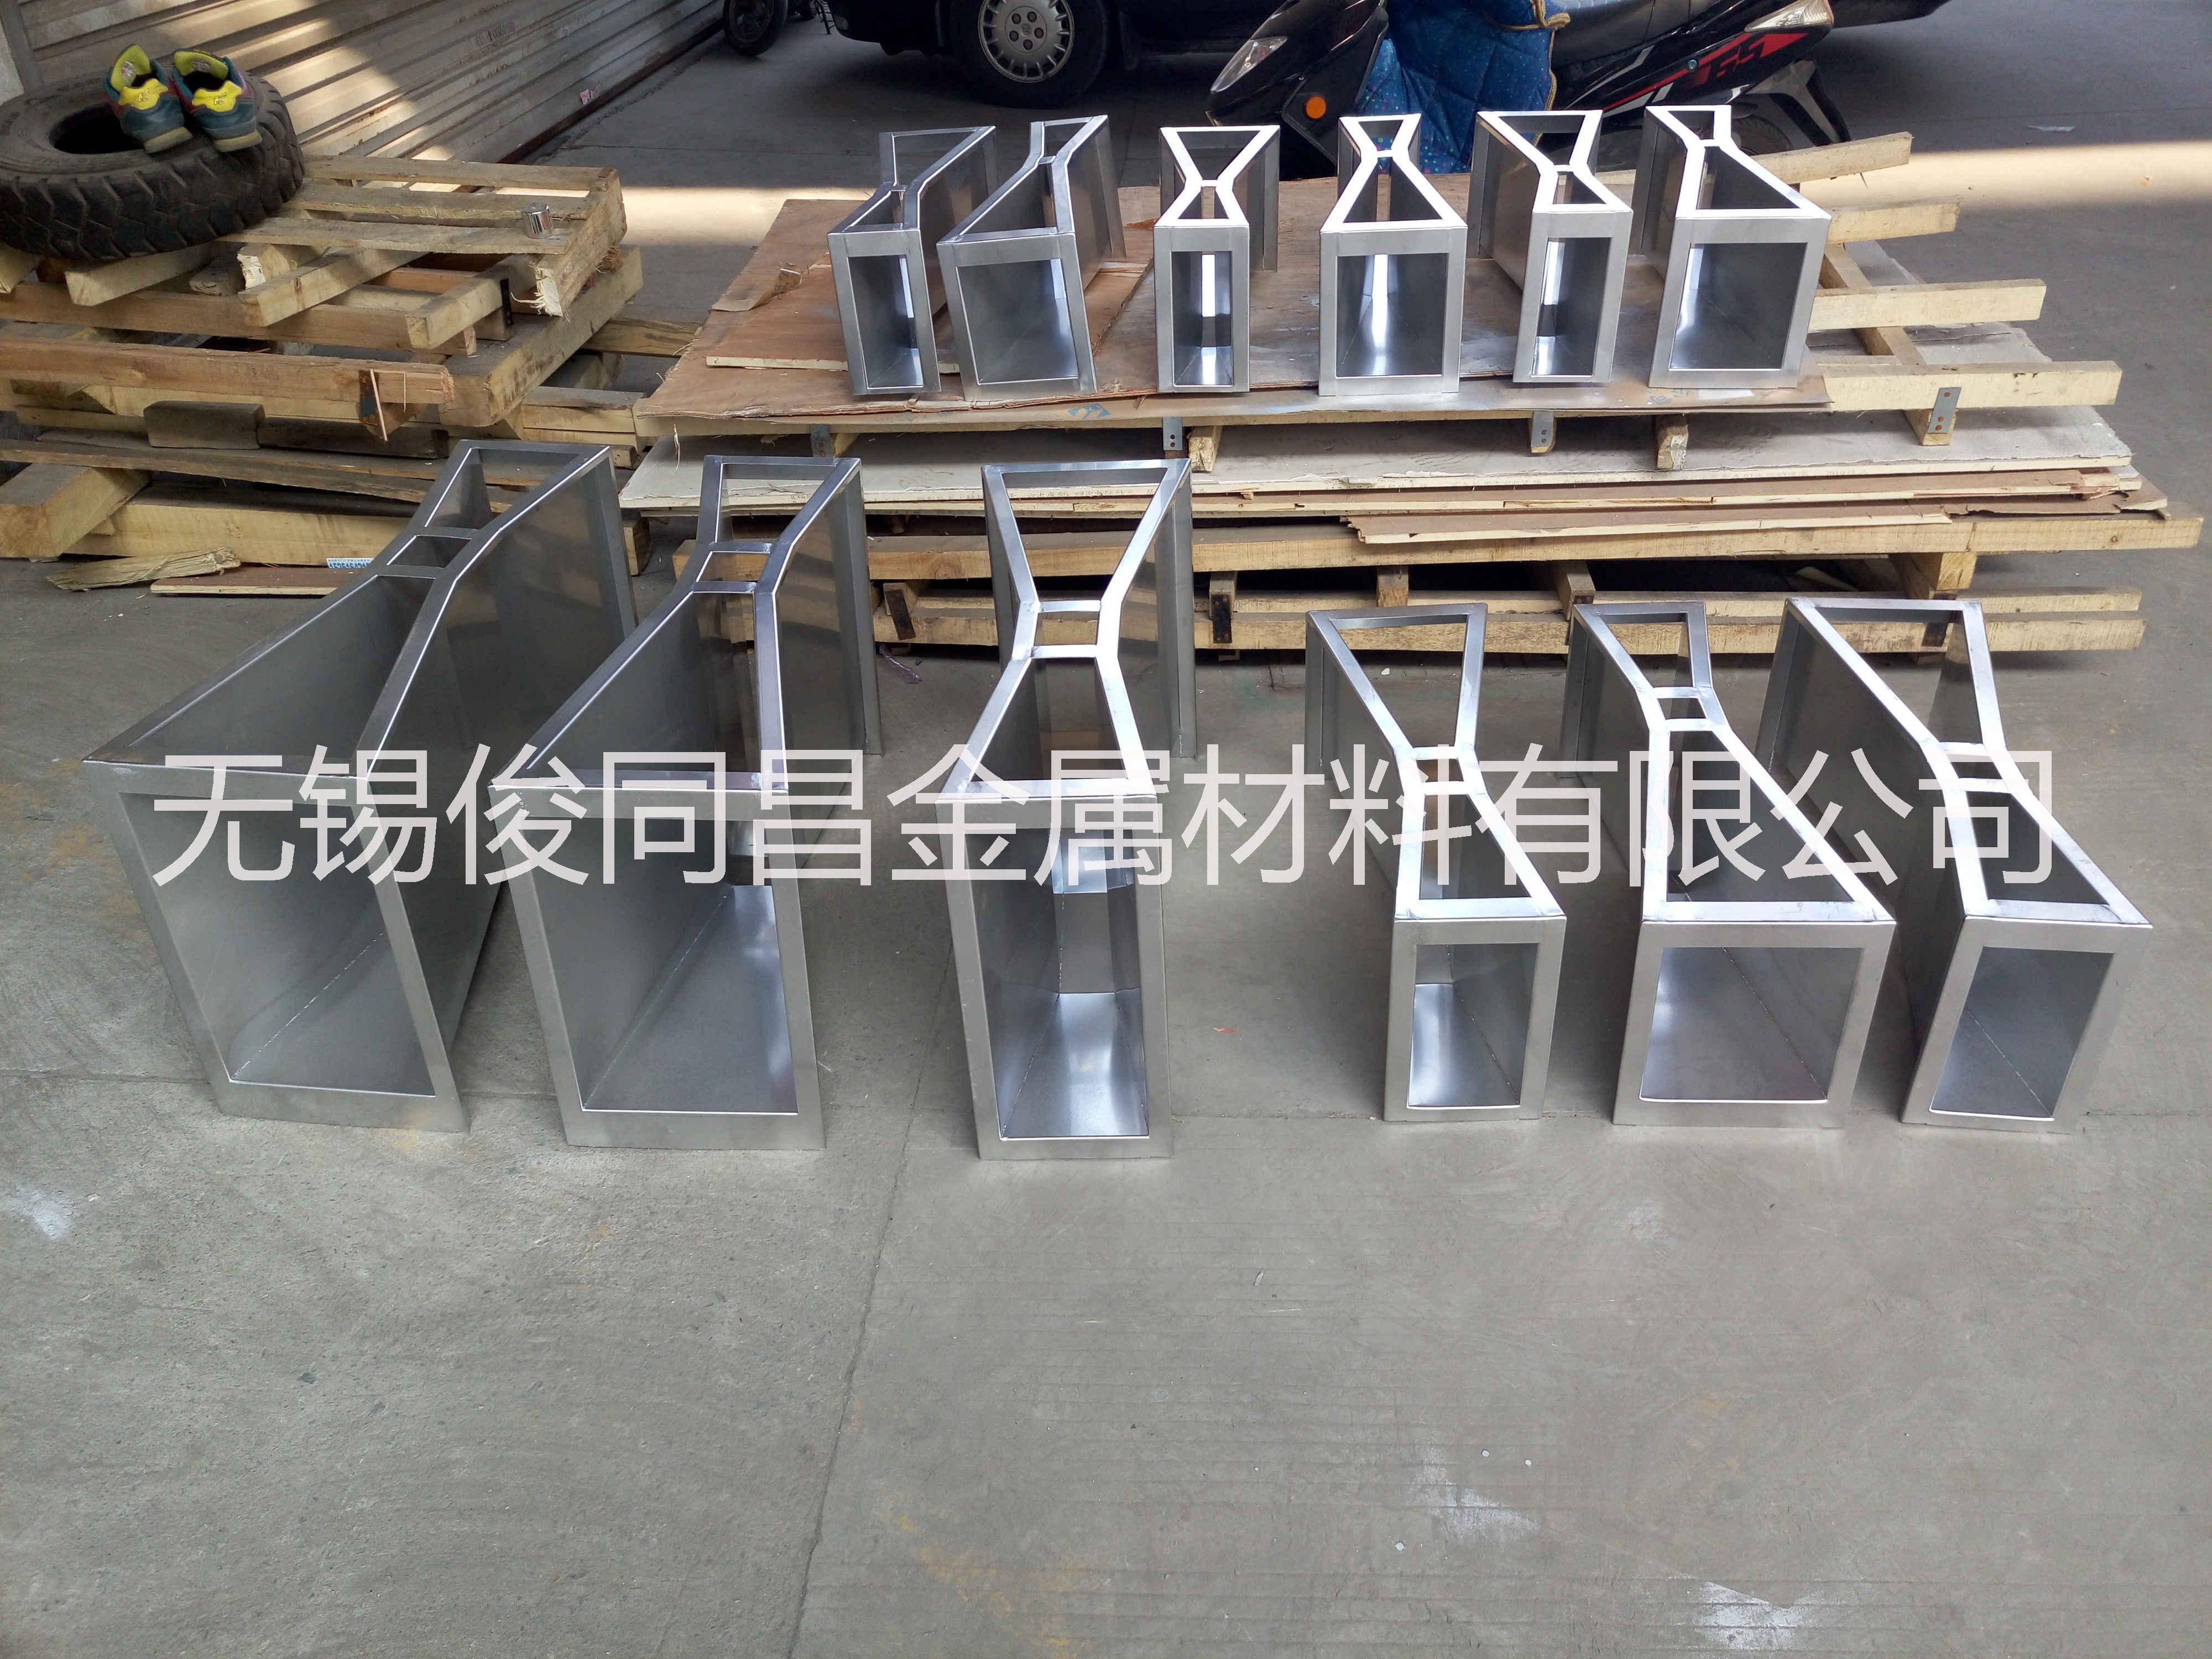 苏州巴氏计量槽厂家批发,苏州专业生产巴氏计量槽厂家,苏州巴氏计量槽厂家直销